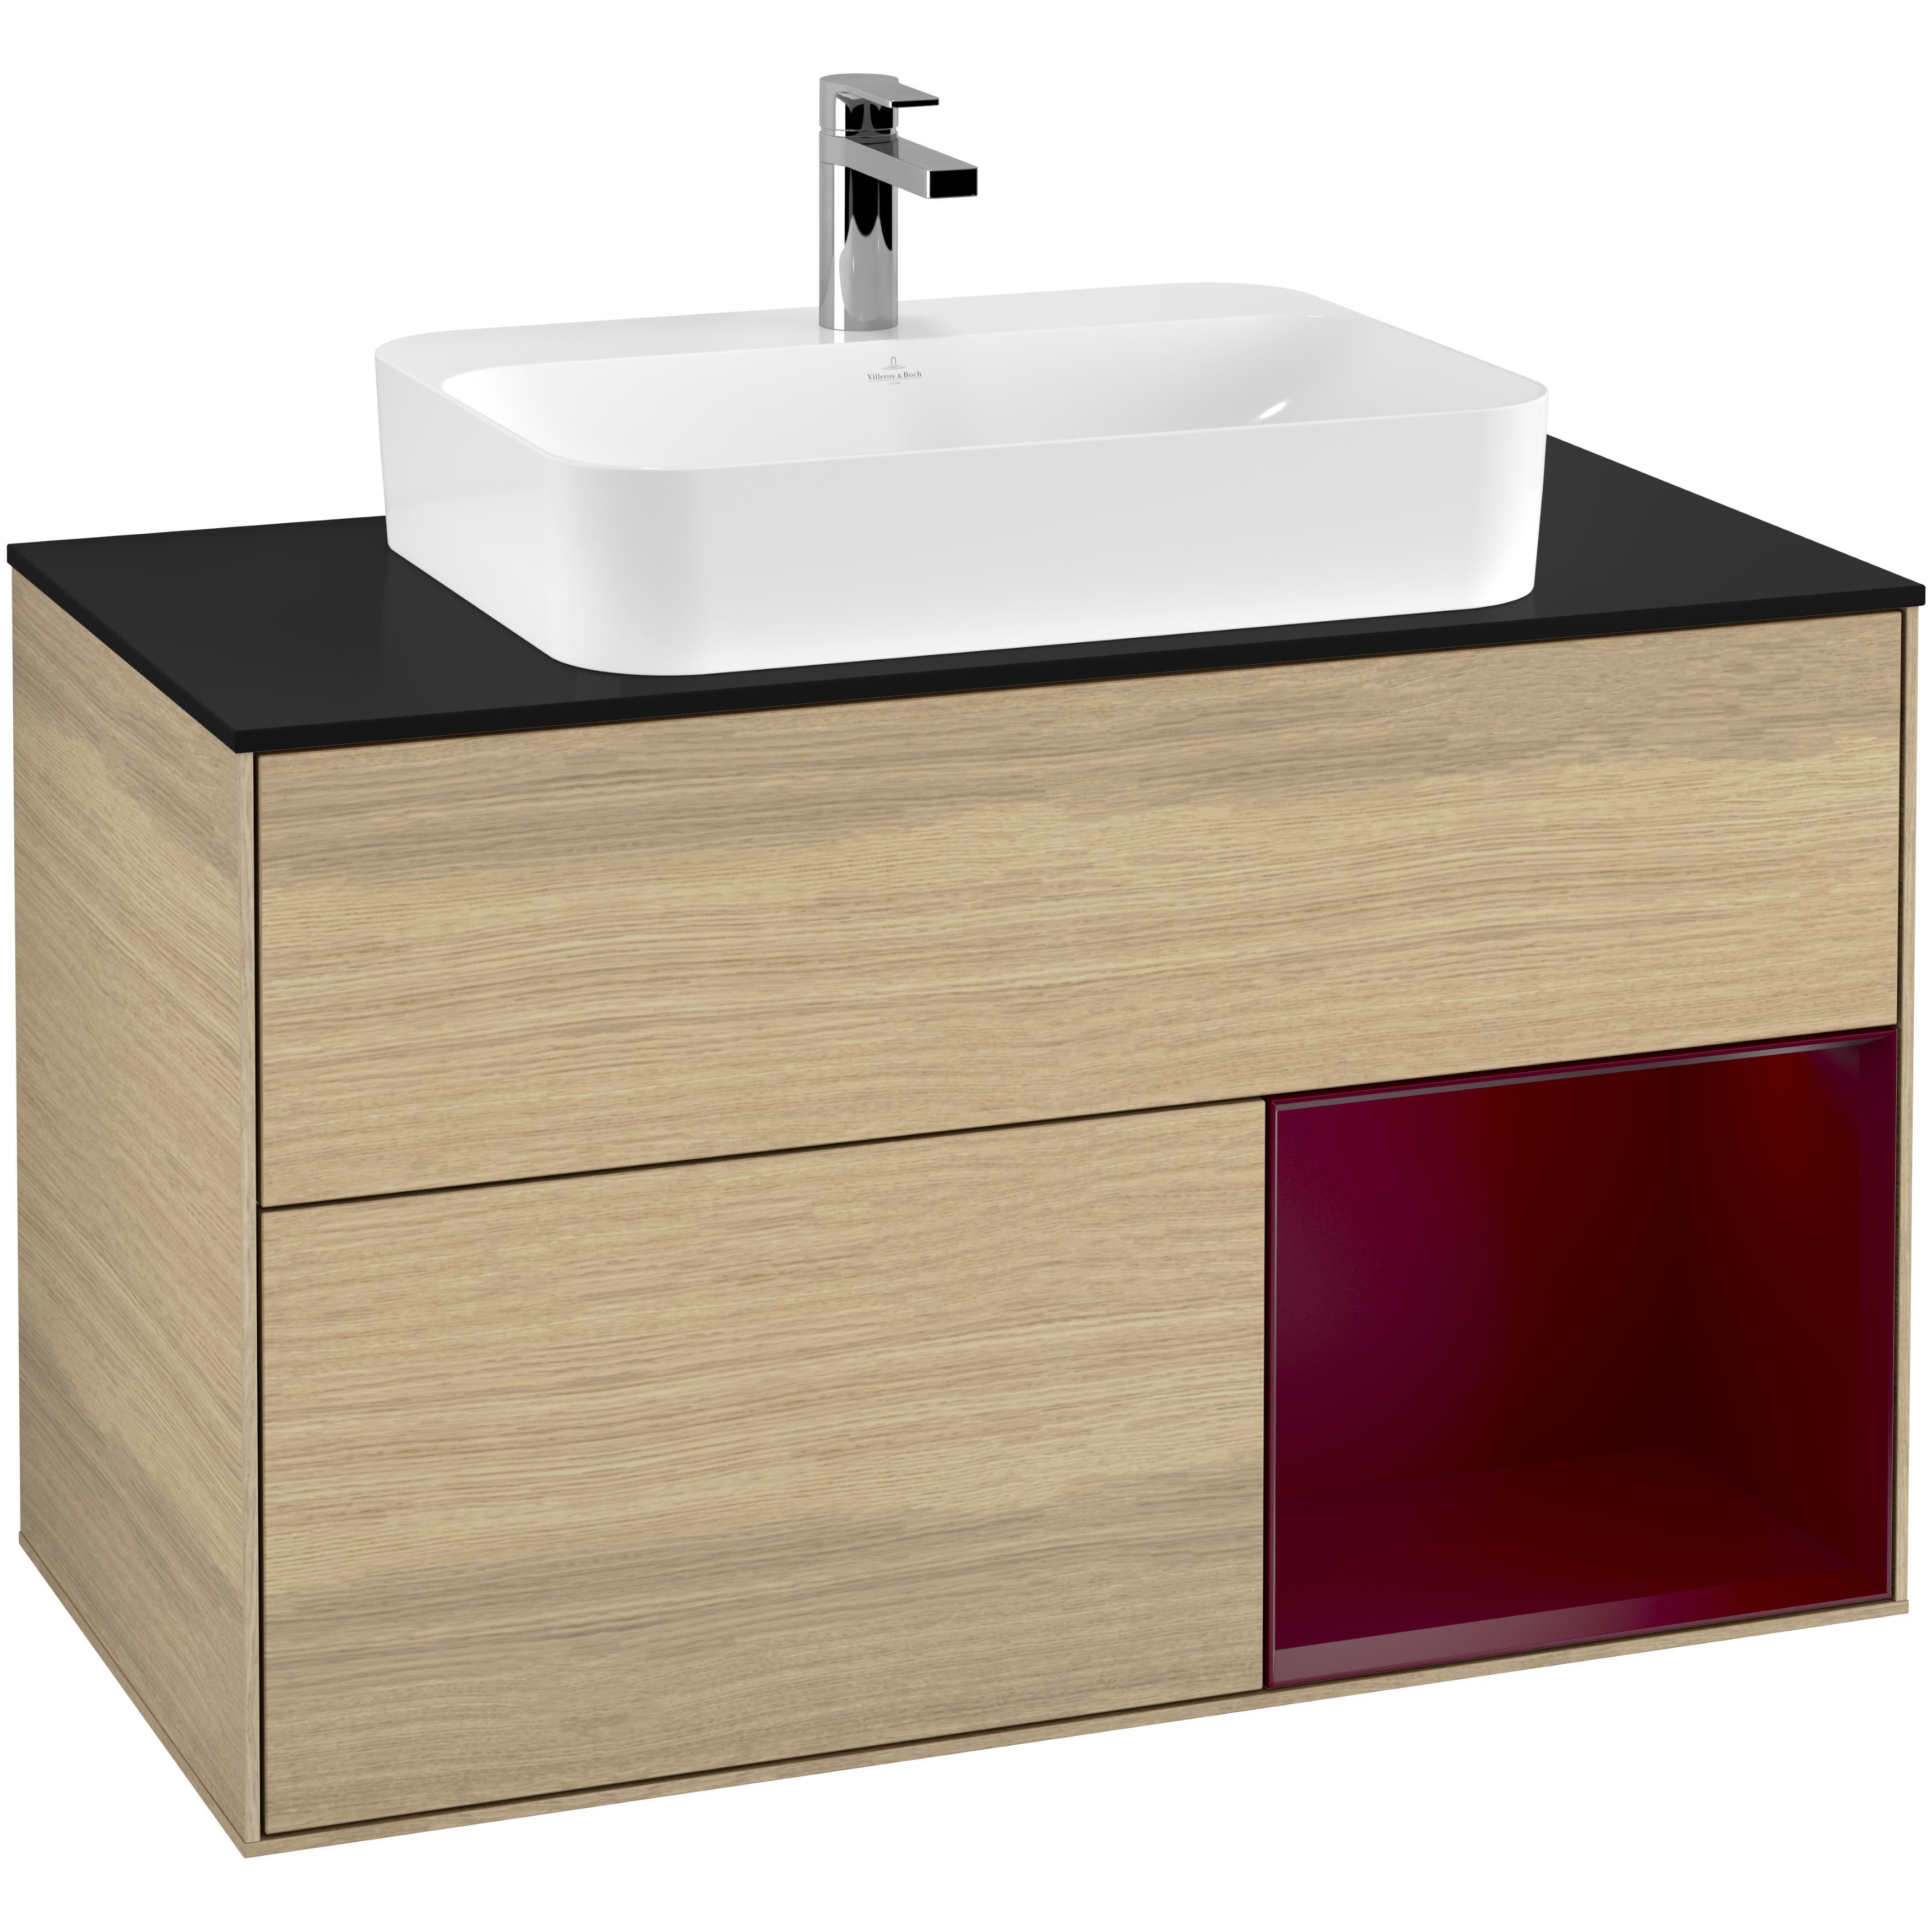 Tvättställsskåp Villeroy & Boch Finion med 2 Lådor Hylla och Bänkskiva för Ytmonterat Tvättställ